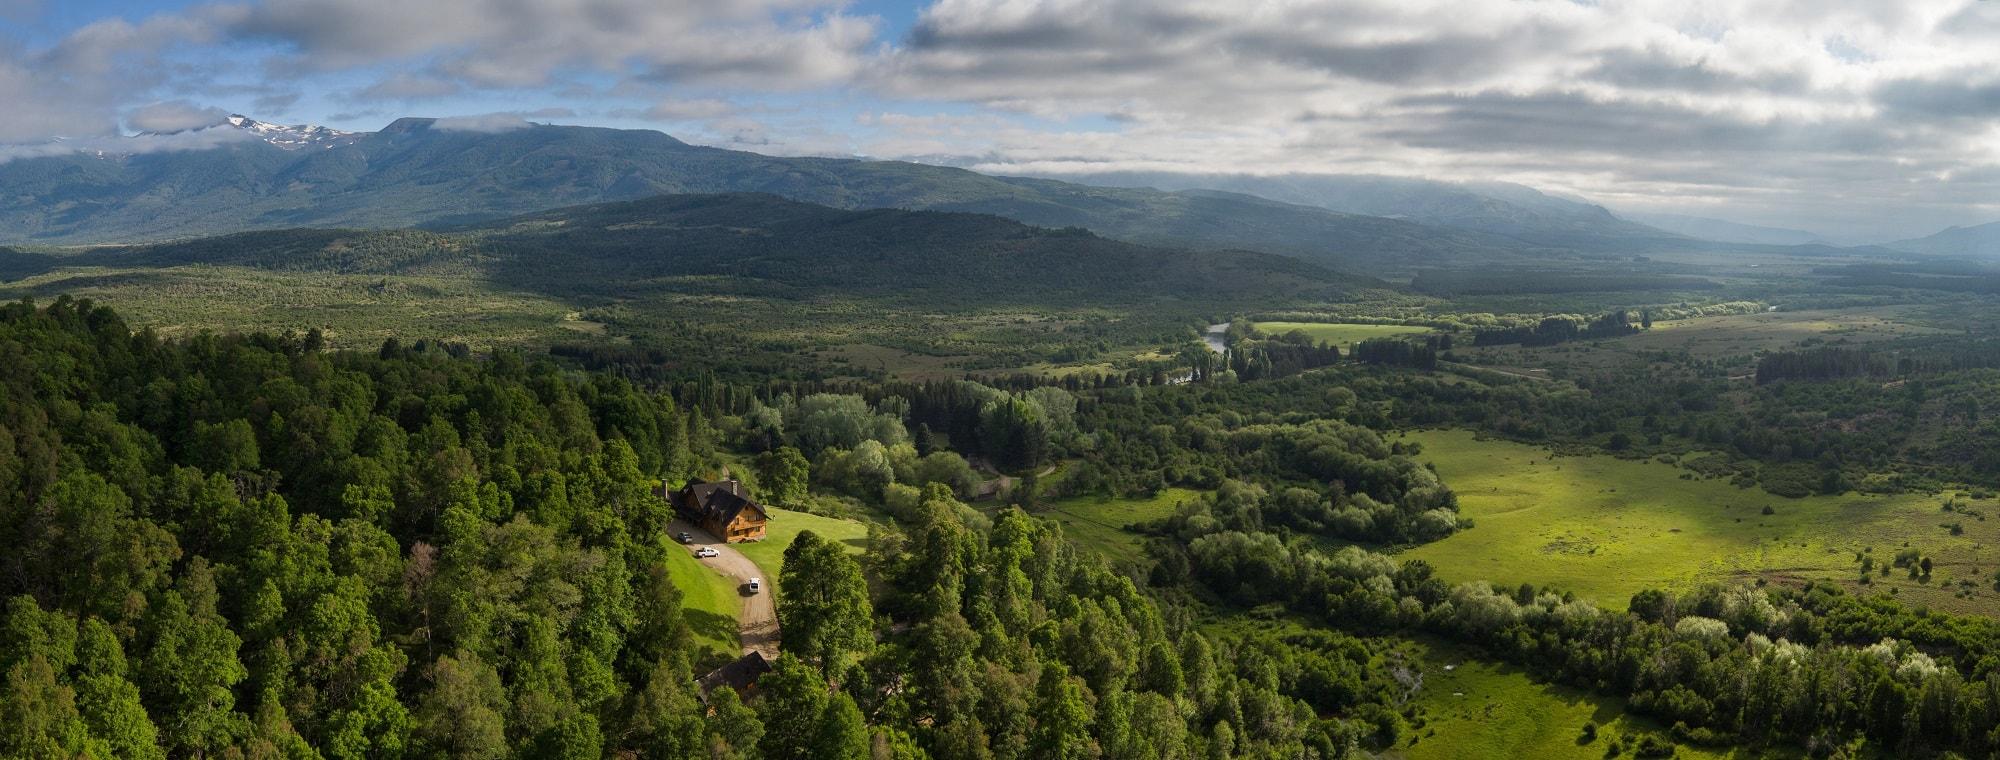 Aerial-shot-of-Caballadas-ranch2000